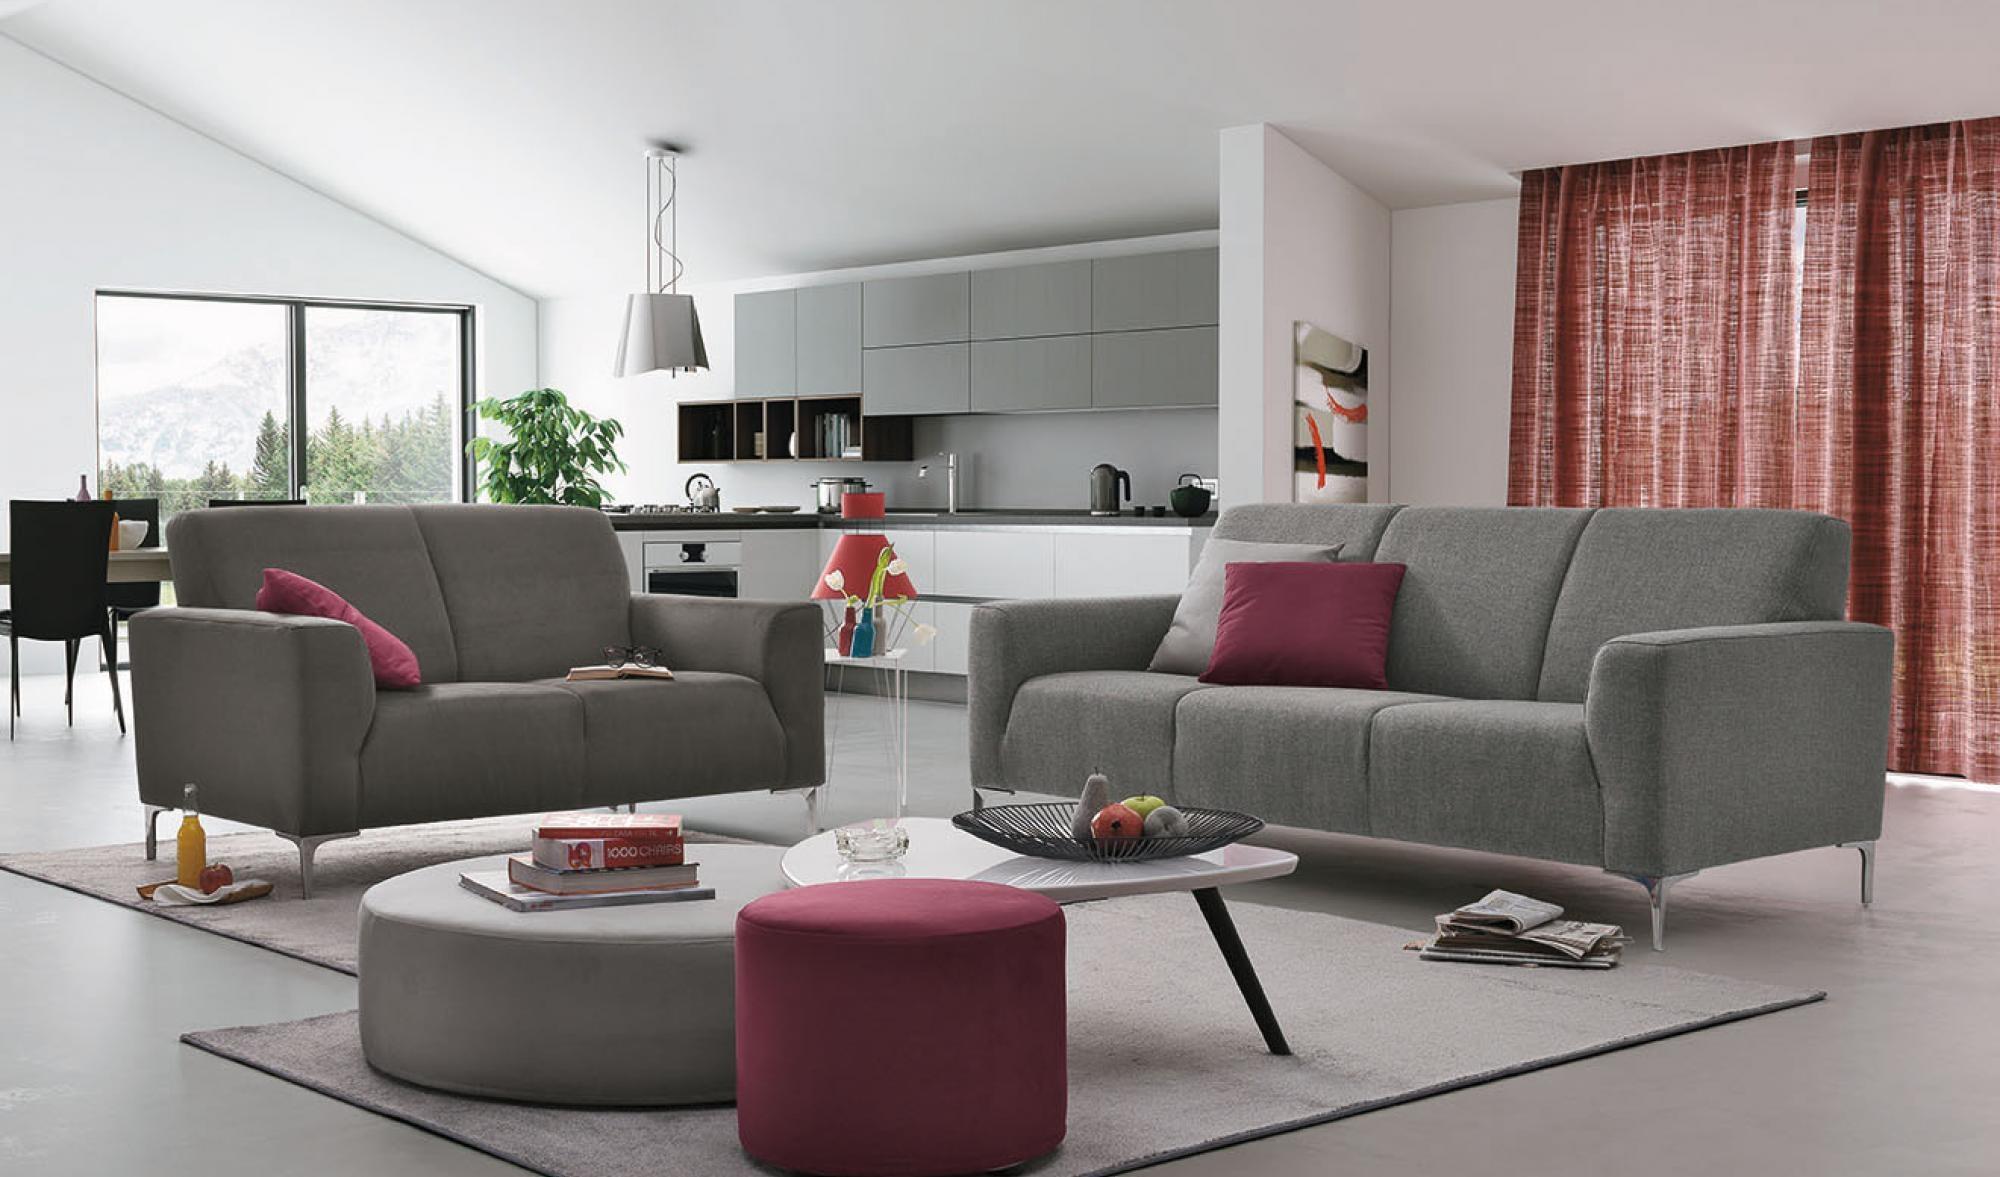 Divano colombini modello pacific divani a prezzi scontati for Colombini mobili